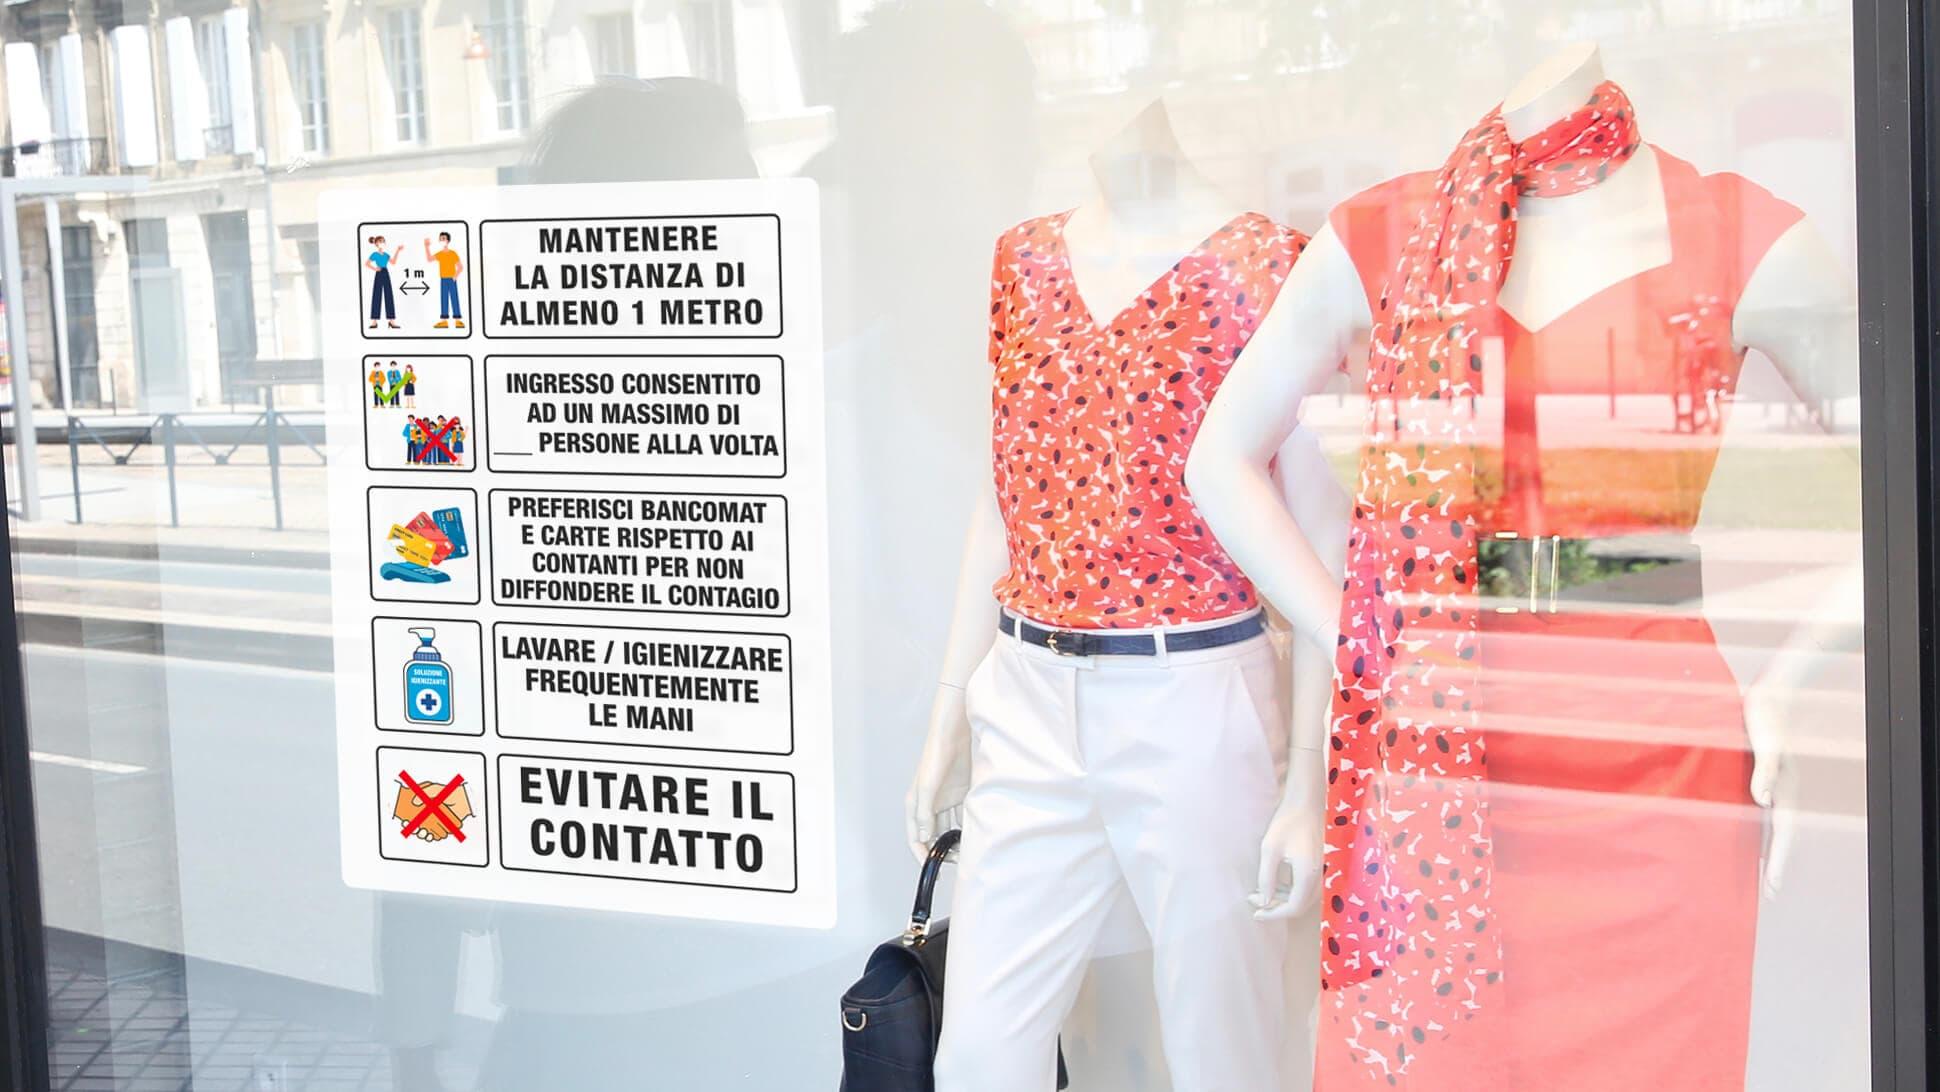 Indicazioni adesive covid per vetrine, negozi, locali, reception, | tictac.it